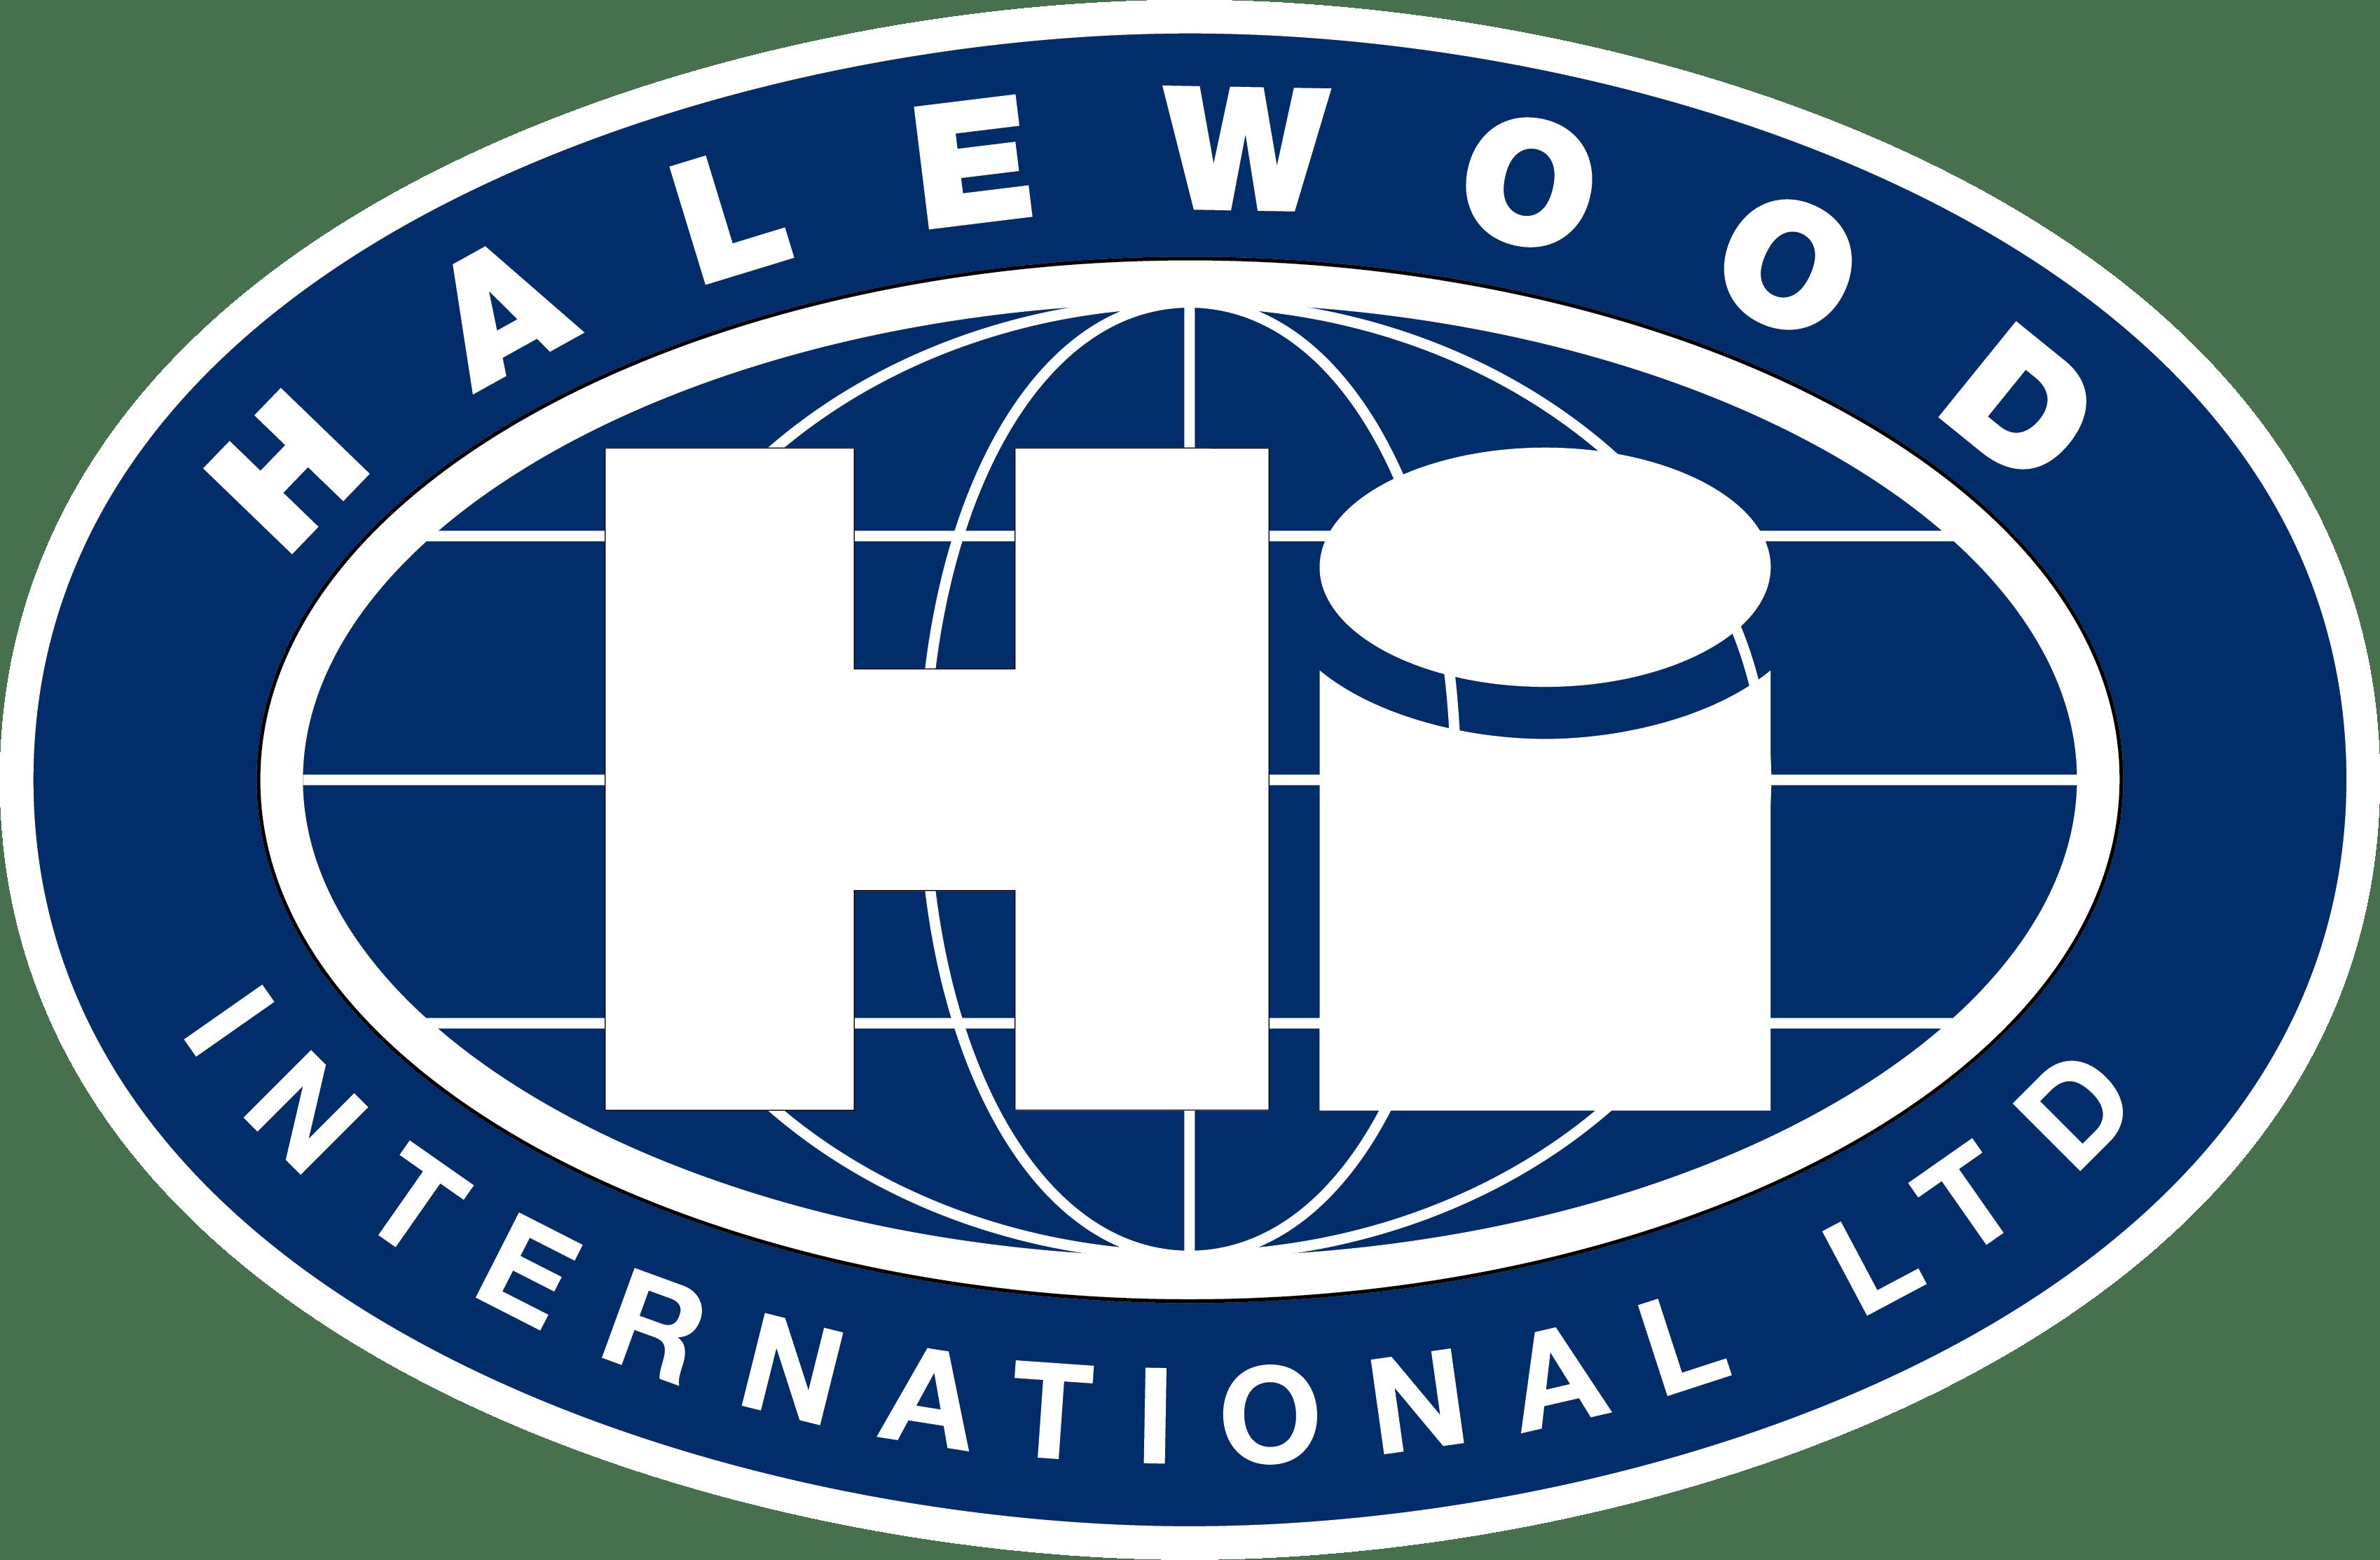 Halewood International buys stake in West Cork Distillers